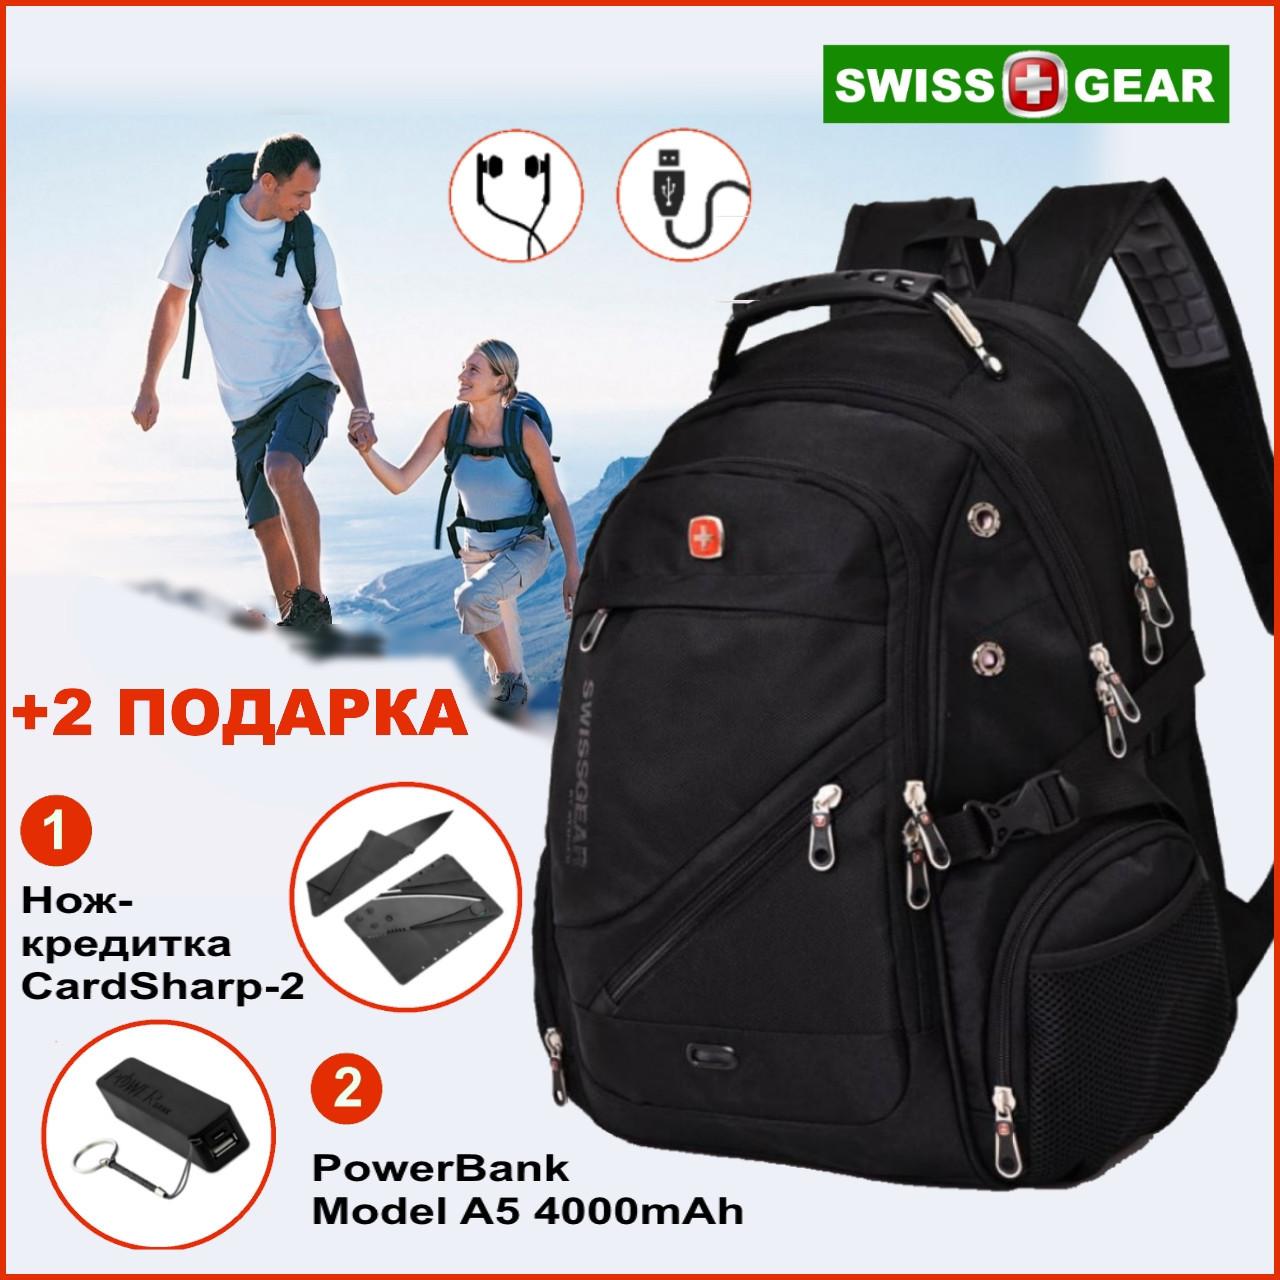 Міський рюкзак WENGER SwissGear 8810 чорний, репліка